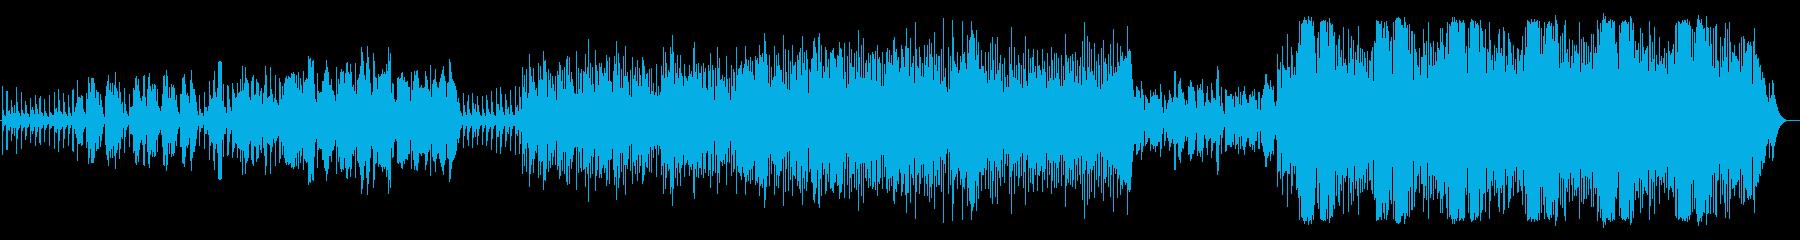 ブロードウェイミュージカル風希望の歌の再生済みの波形